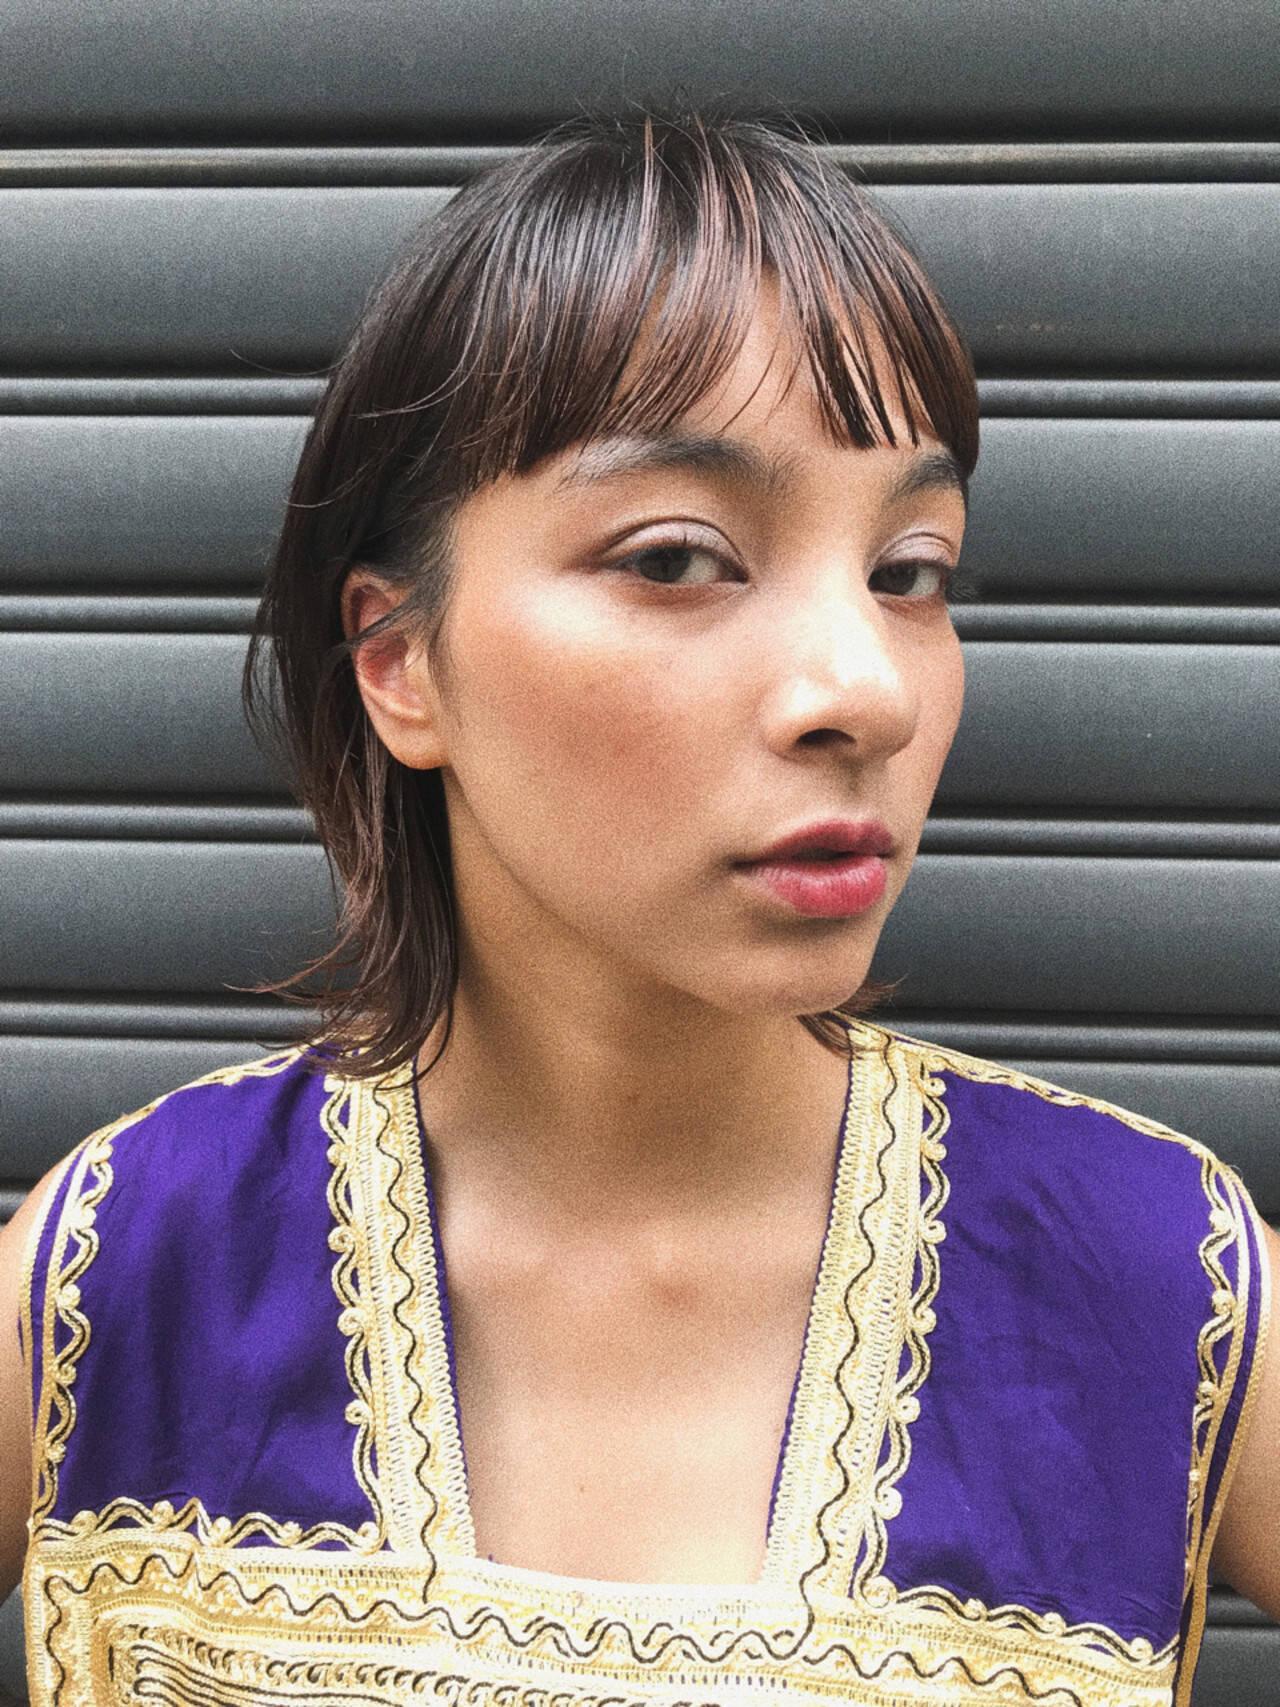 透明感 ハイライト ウェットヘア レイヤーカットヘアスタイルや髪型の写真・画像